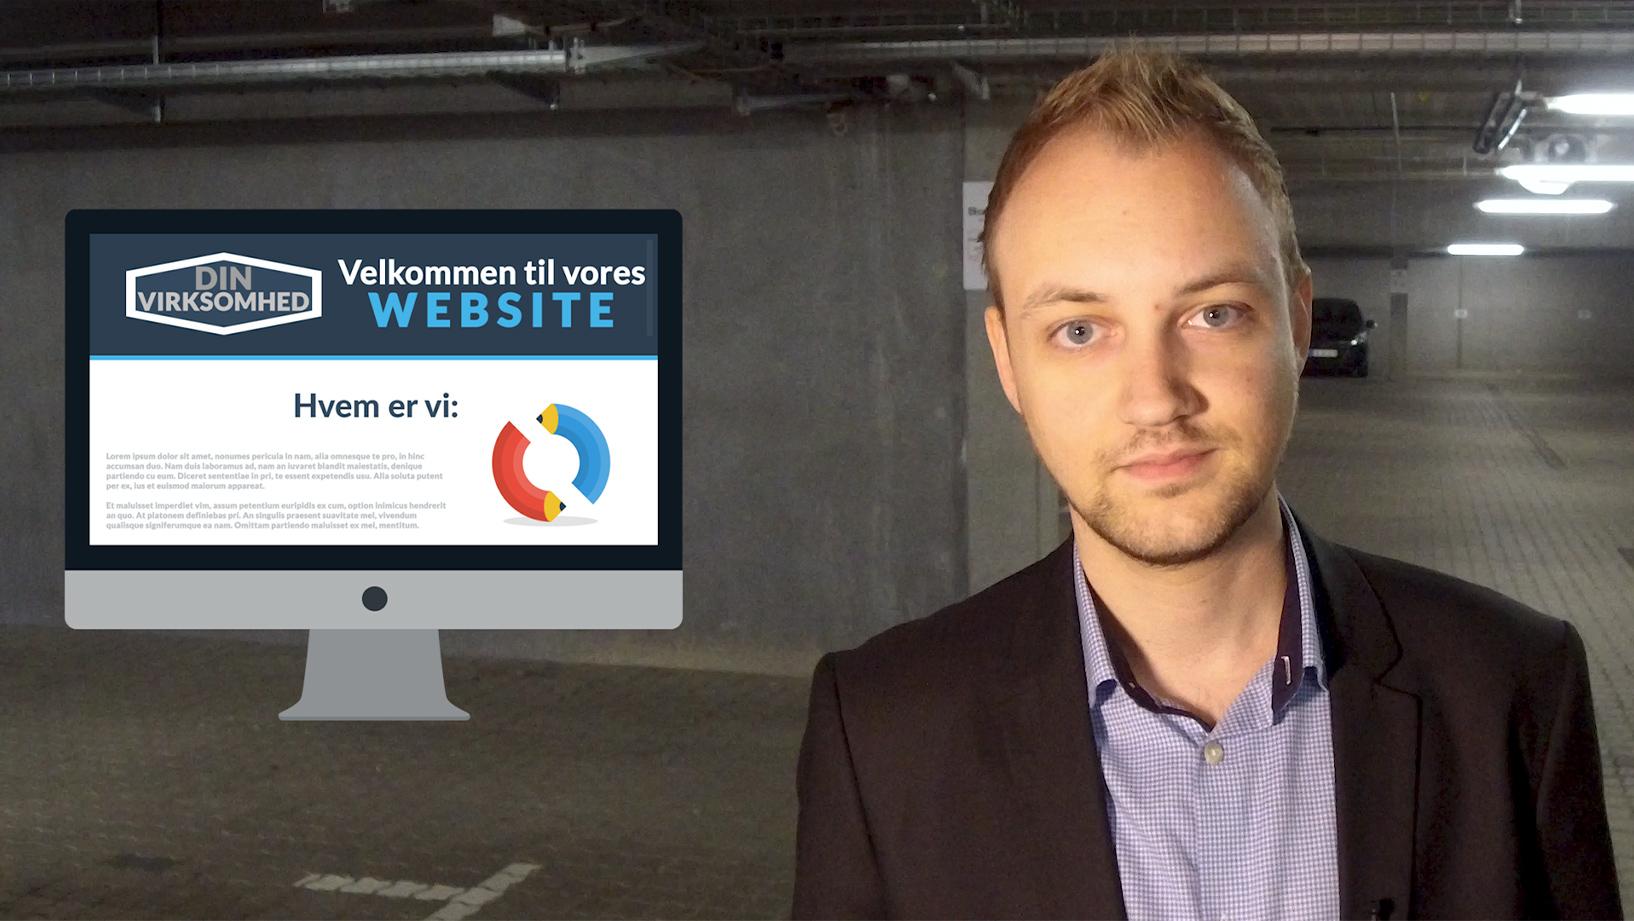 Sådan konverterer dit website besogende til salg - JJ Blog - JJ Kommunikation